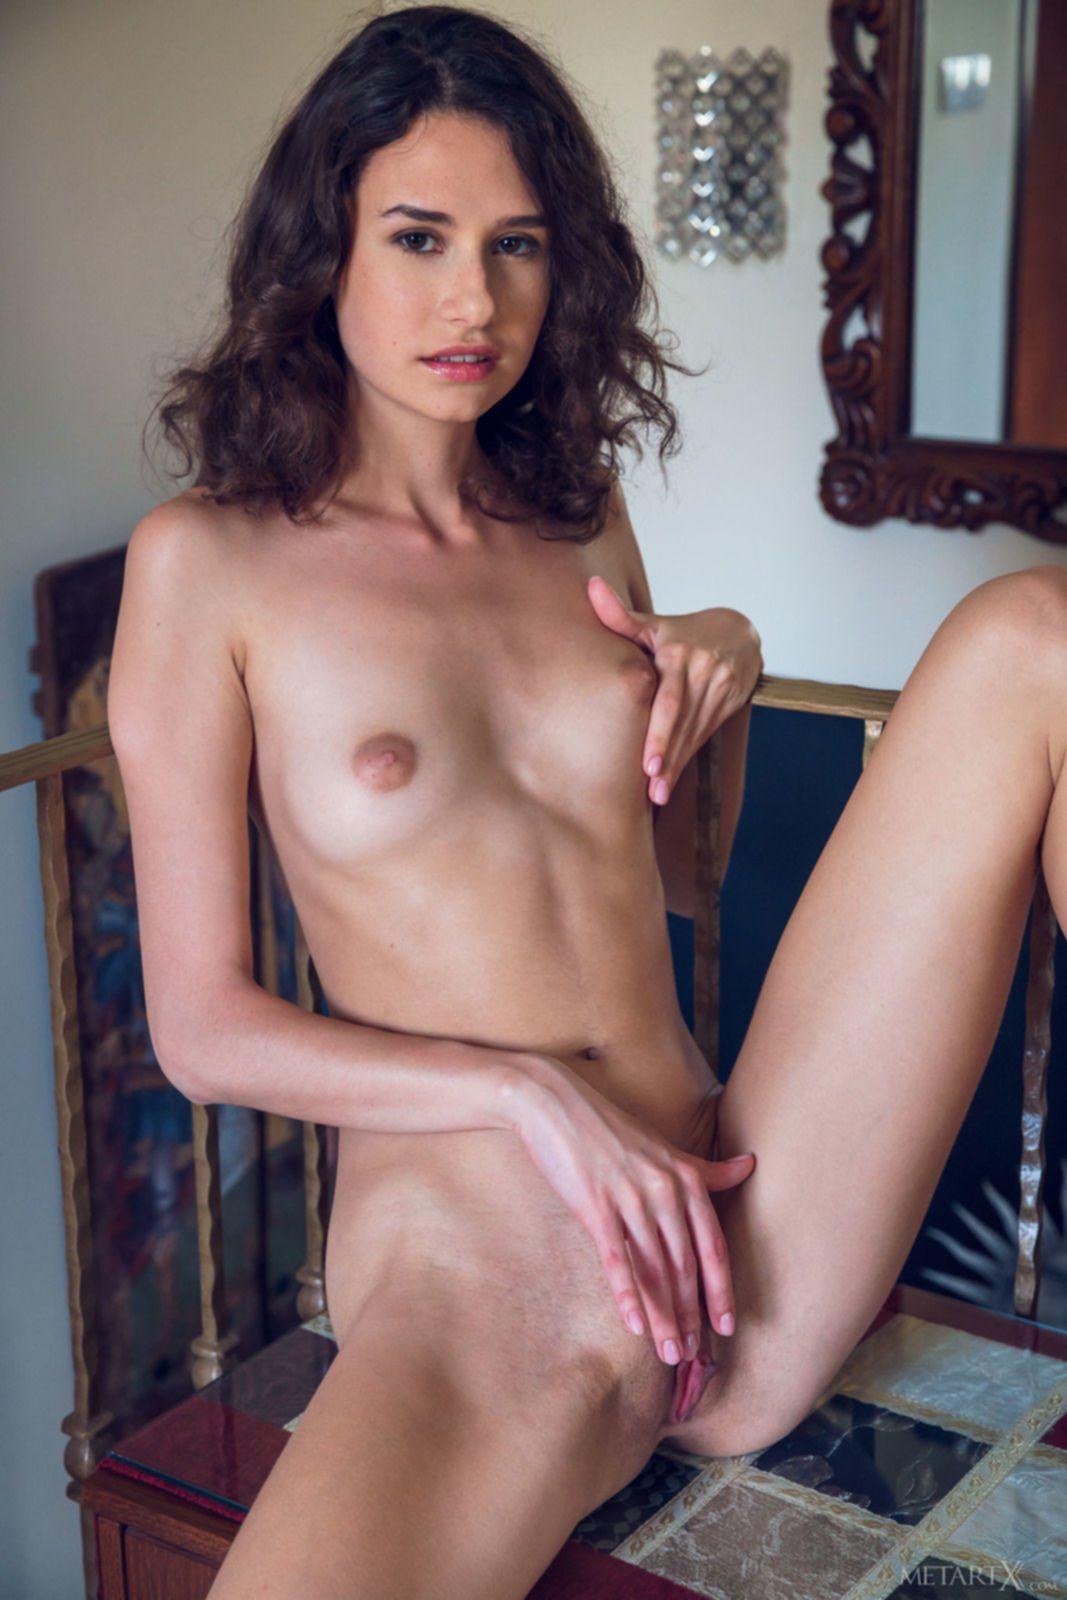 Тощая брюнетка разделась до гола - фото